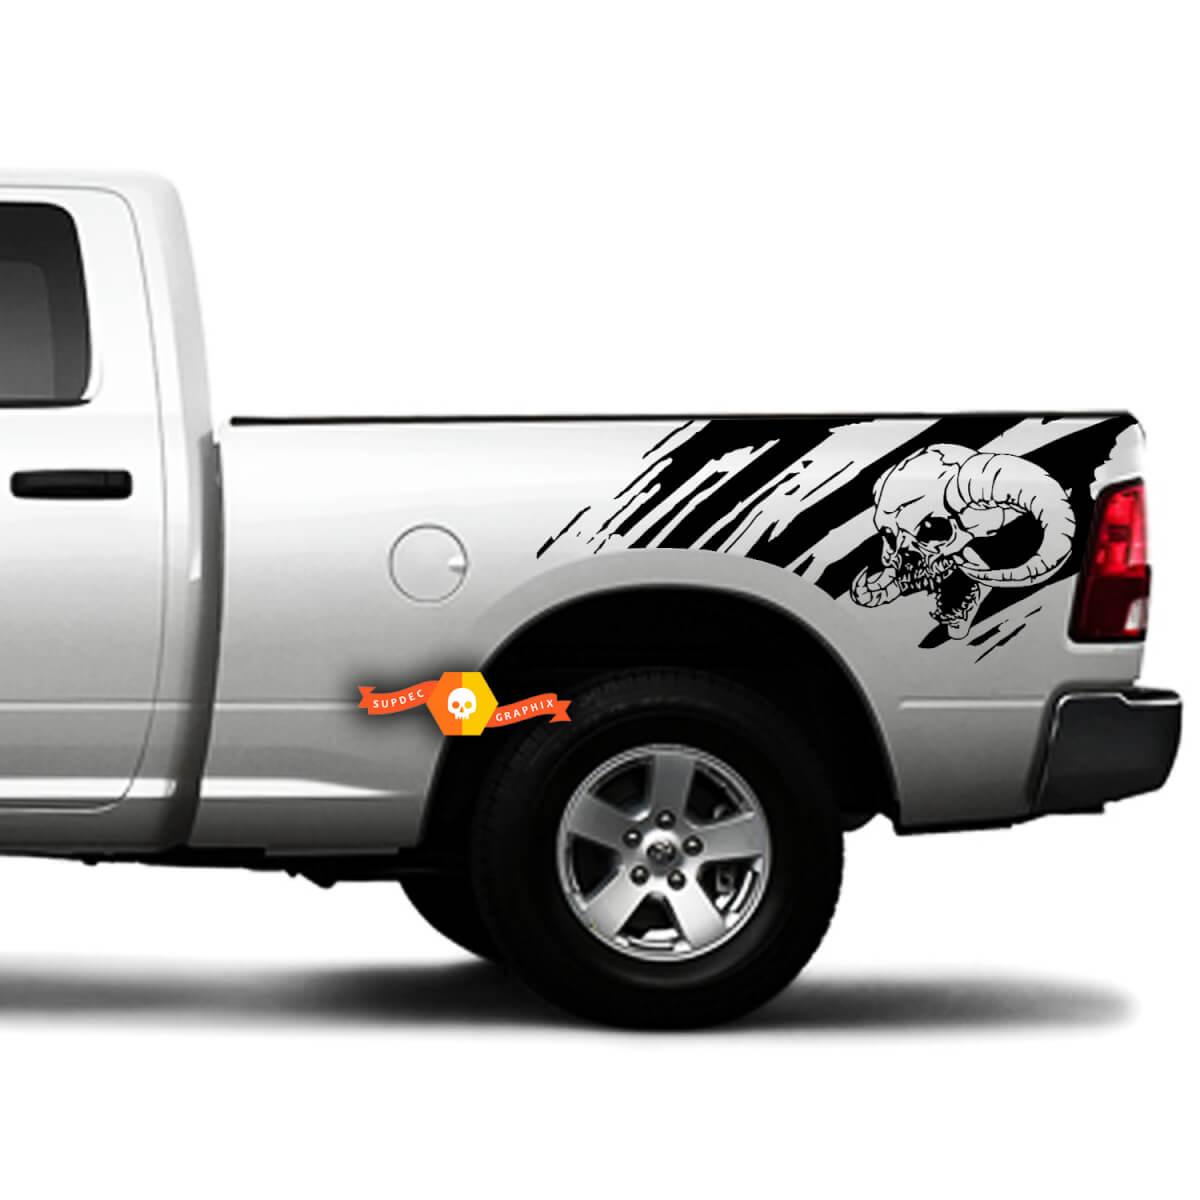 2 Seitenschädel Distressed Grunge Splash Design Auto Seitenbett Pickup Fahrzeug LKW Vinyl Grafik Aufkleber Heckklappe